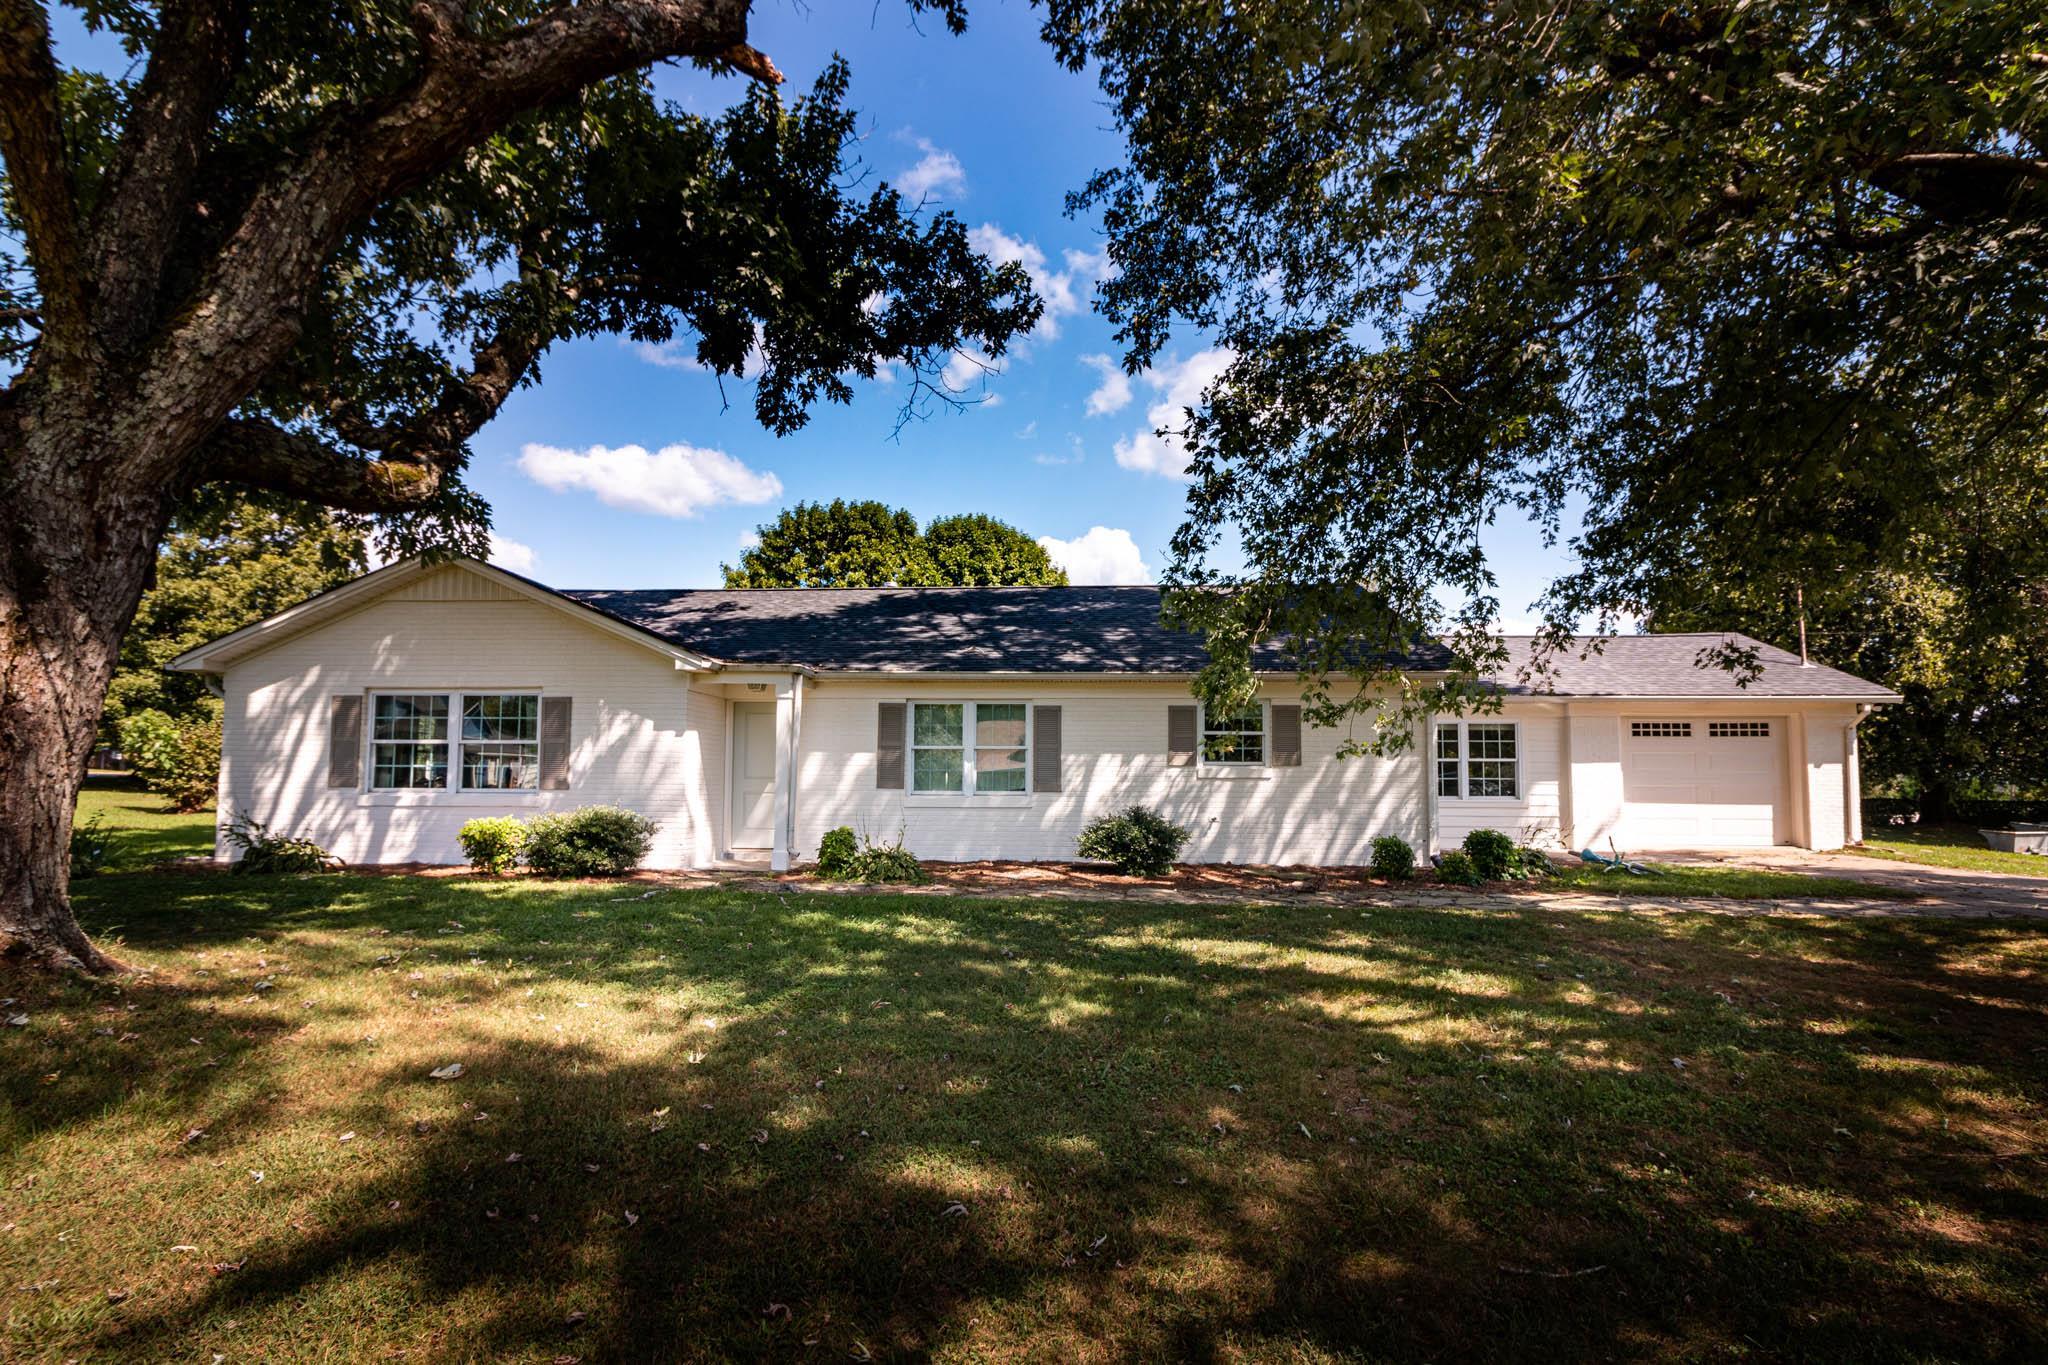 206 3Rd Ave S, Loretto, TN 38469 - Loretto, TN real estate listing